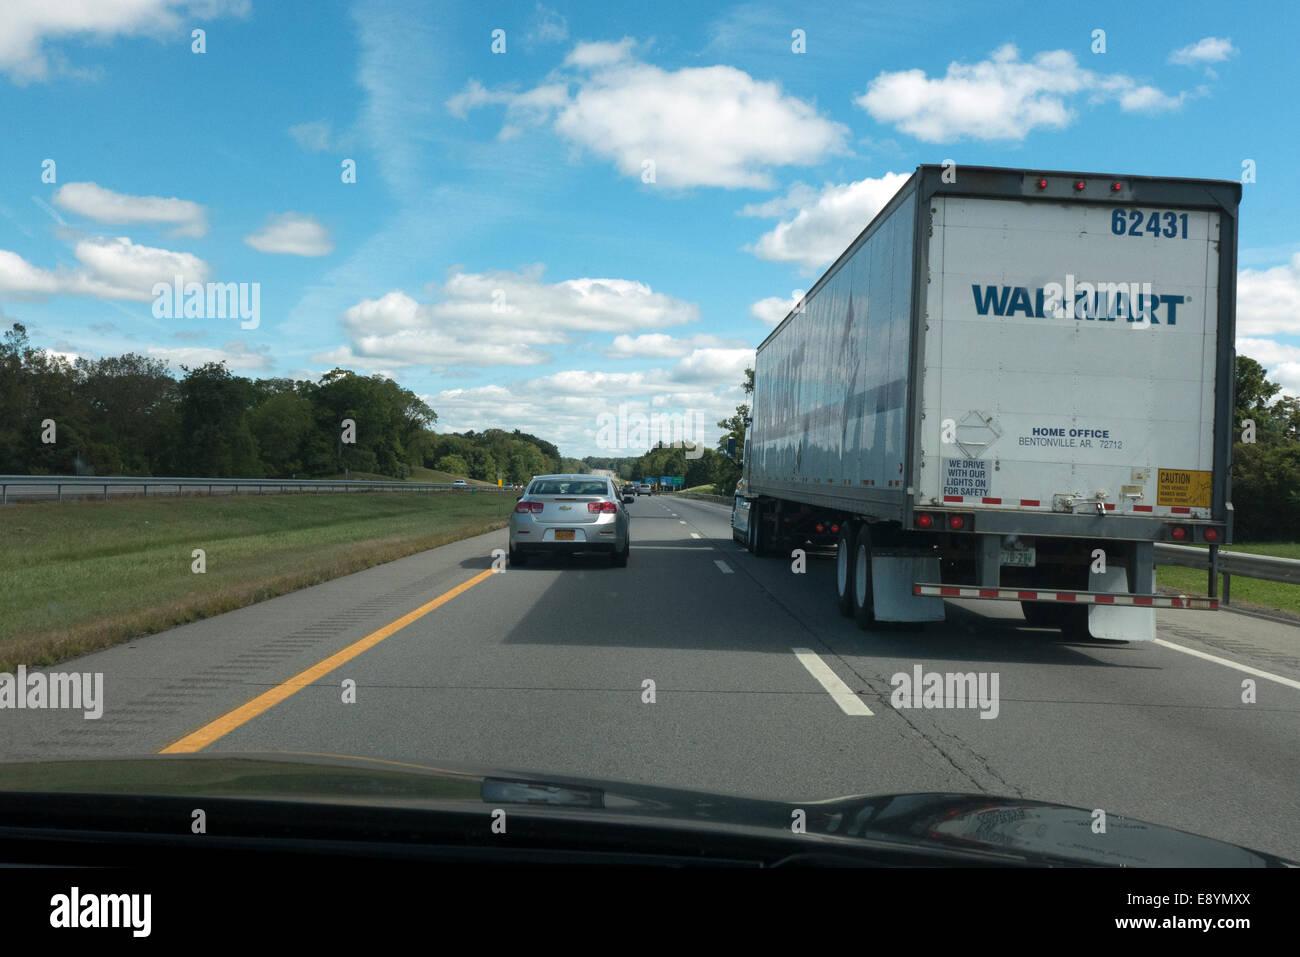 Car Mart Stock Photos & Car Mart Stock Images - Alamy